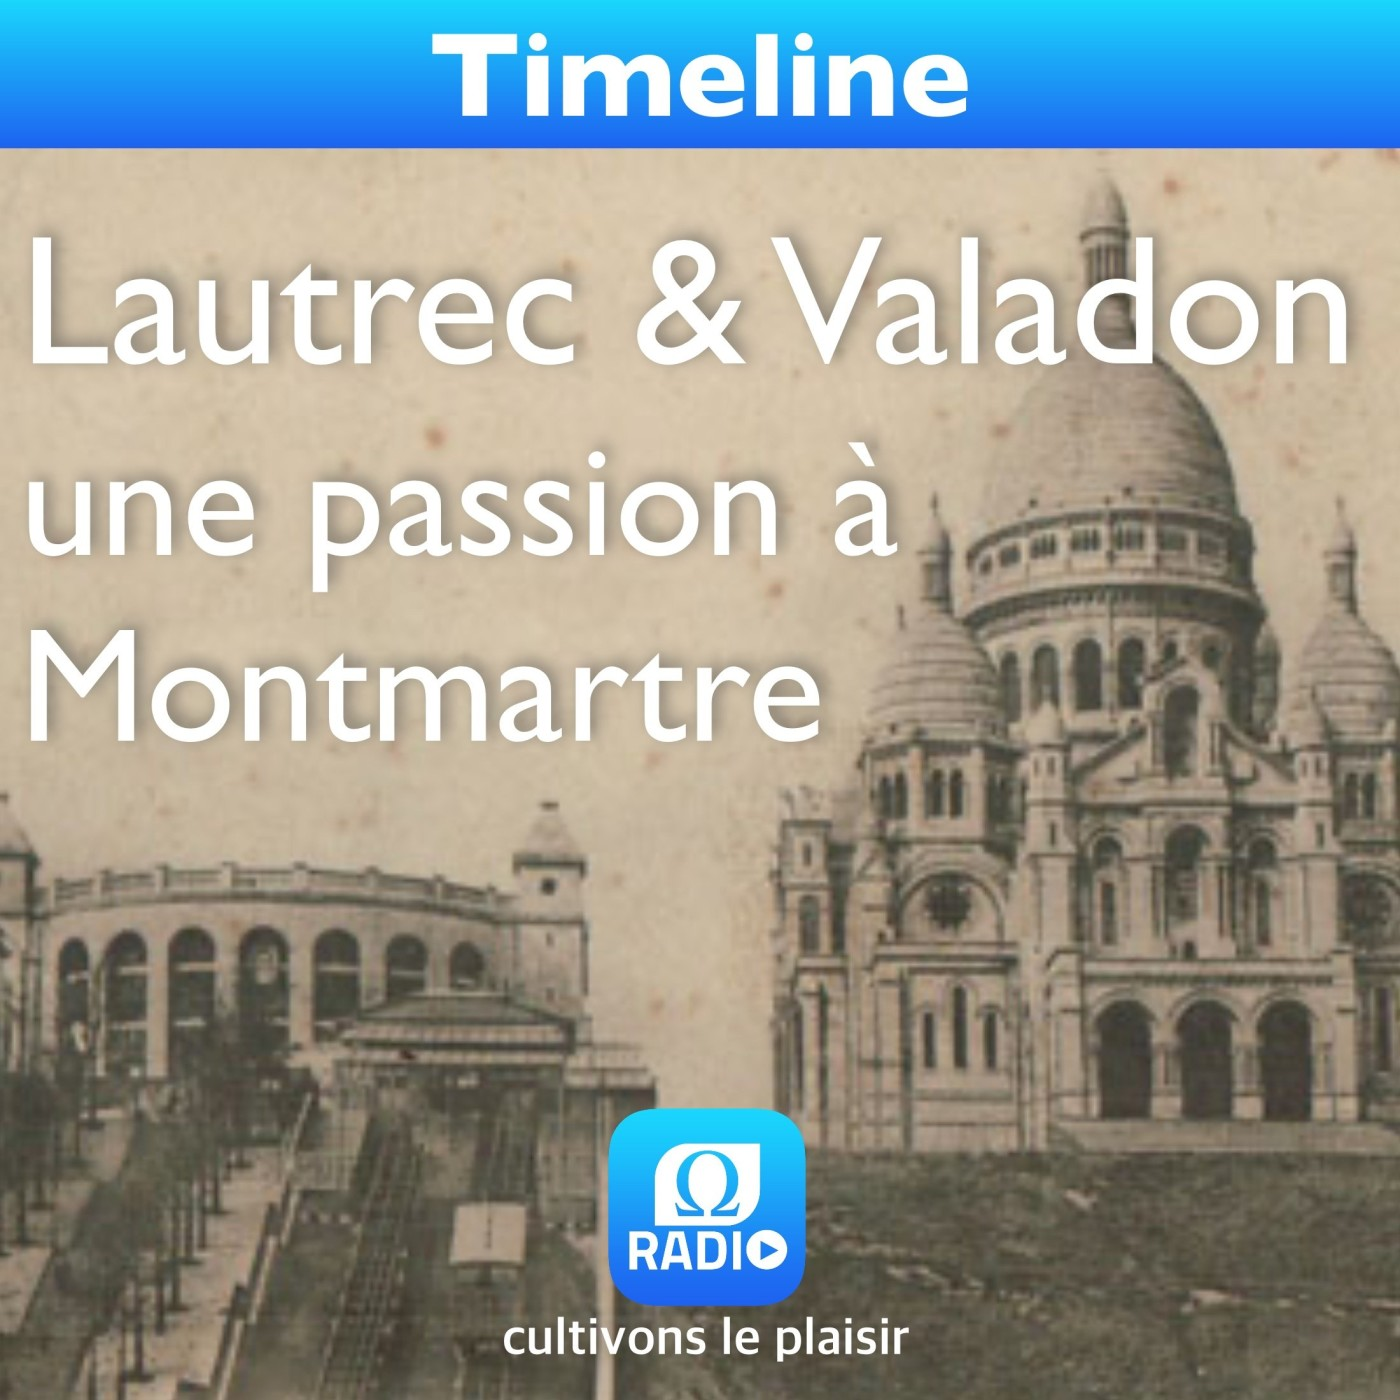 Lautrec & Valadon, une passion à Montmartre